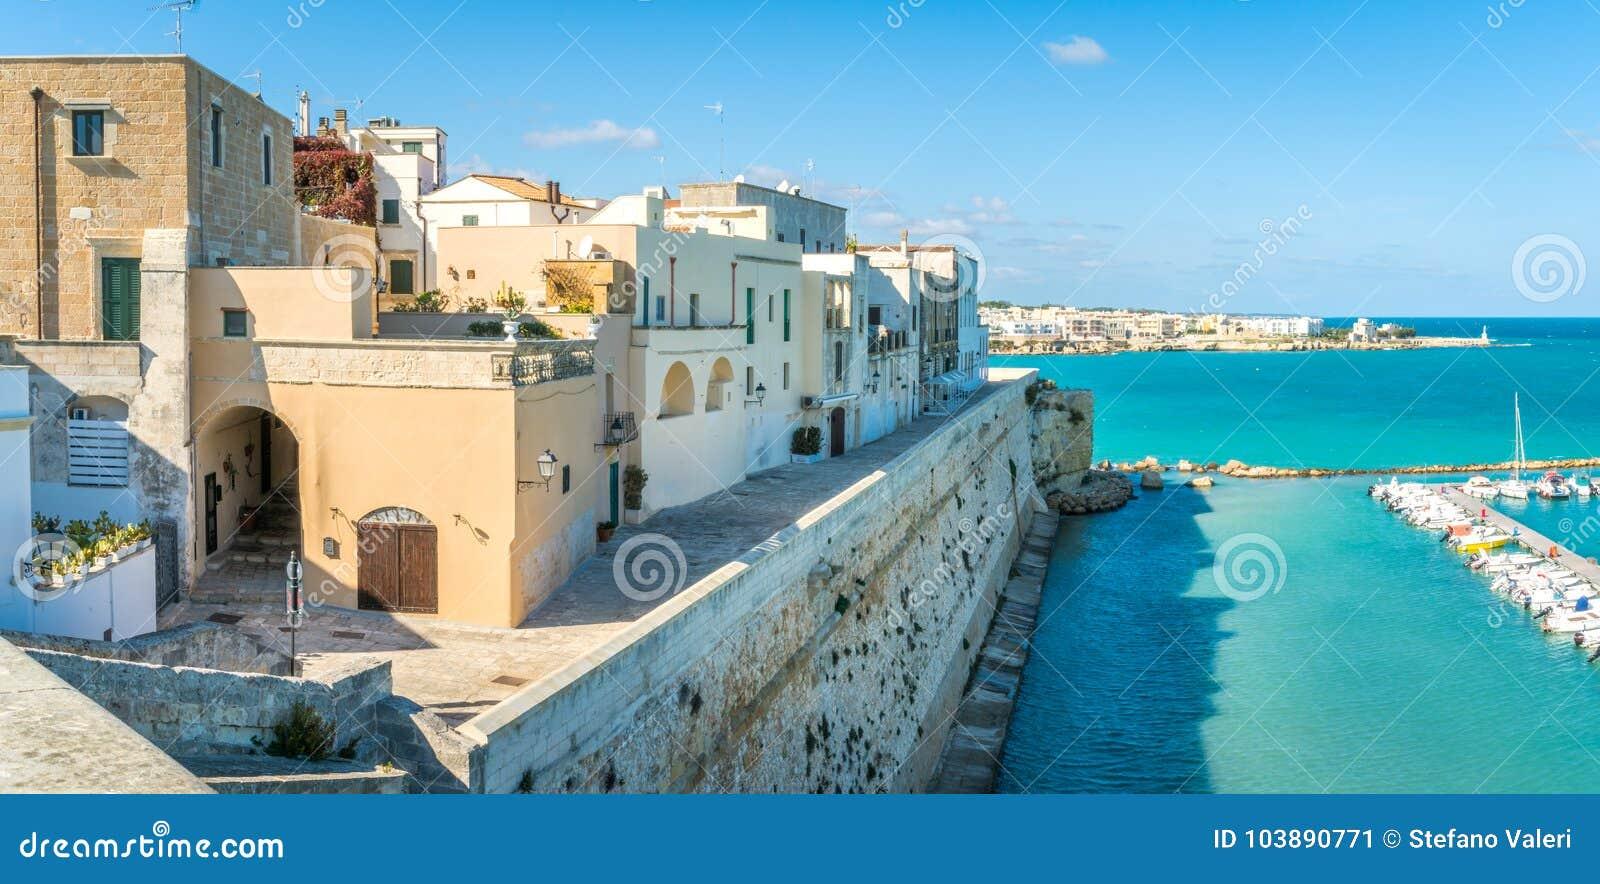 Panoramic view in Otranto, province of Lecce in the Salento peninsula, Puglia, Italy.